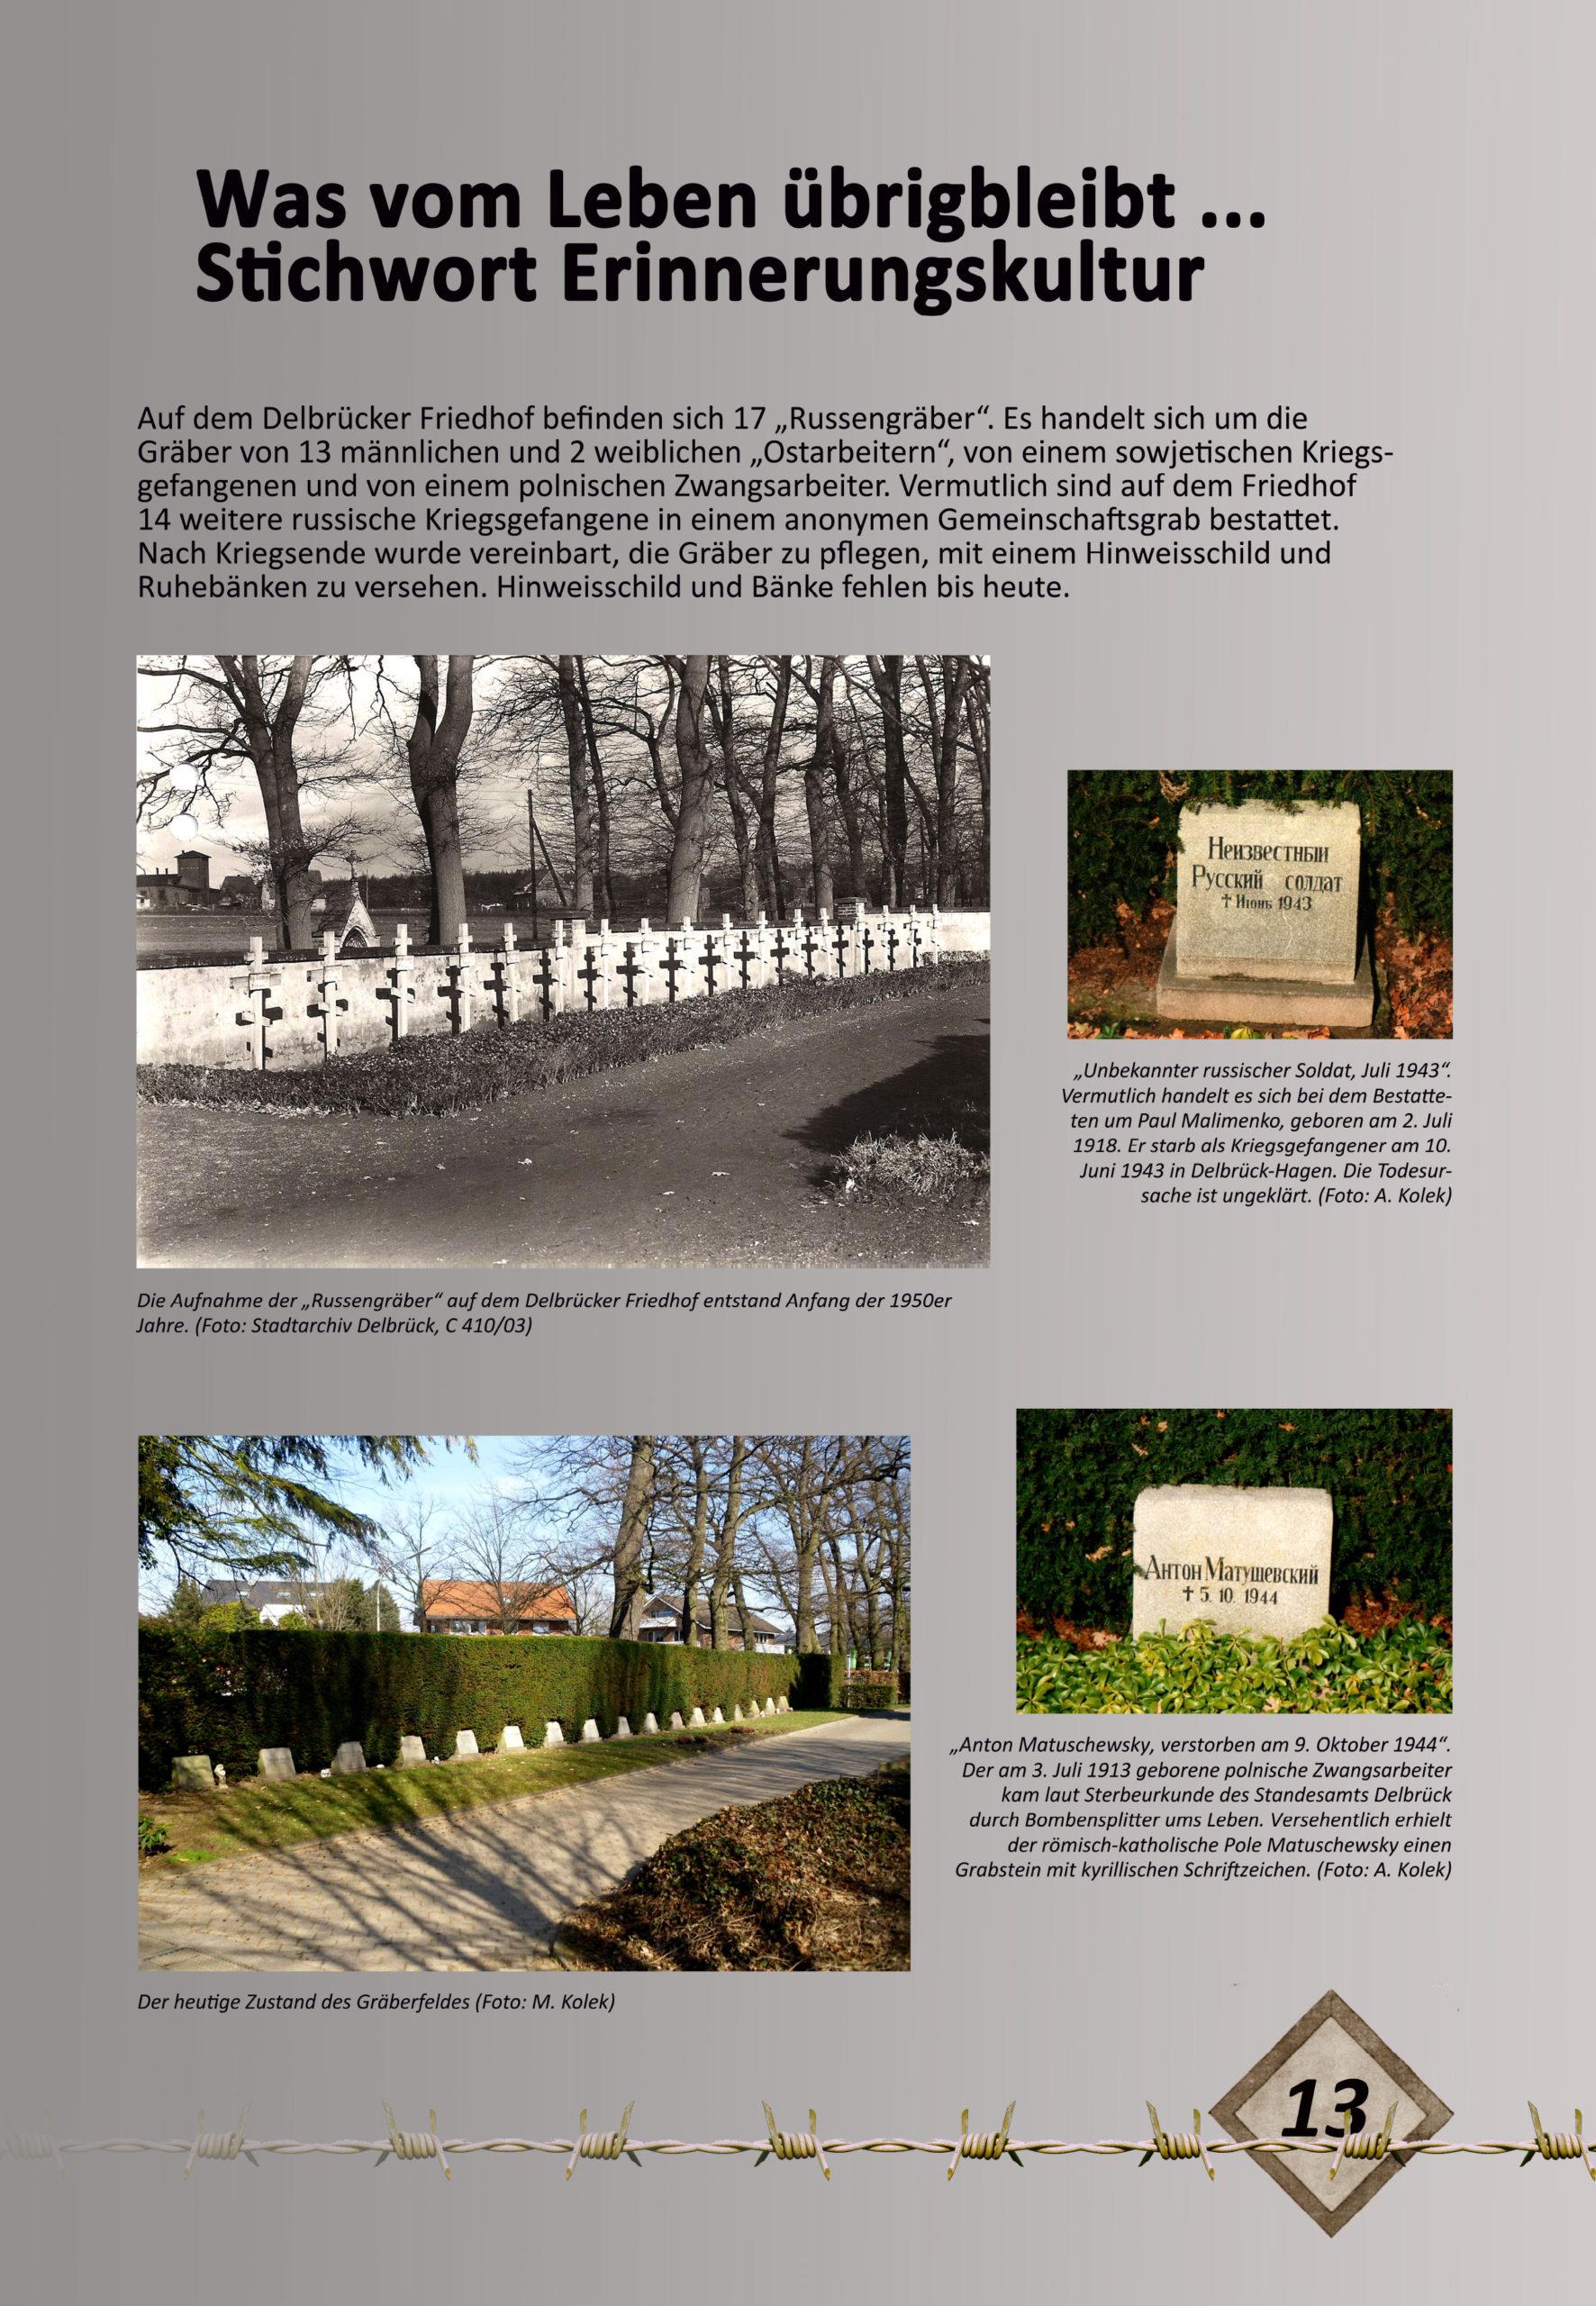 """Digitale Ausstellung """"Unter_Menschen"""" anlässlich des 75. Jahrestages der Befreiung der Kriegsgefangenen – Ausstellungstafel 13"""